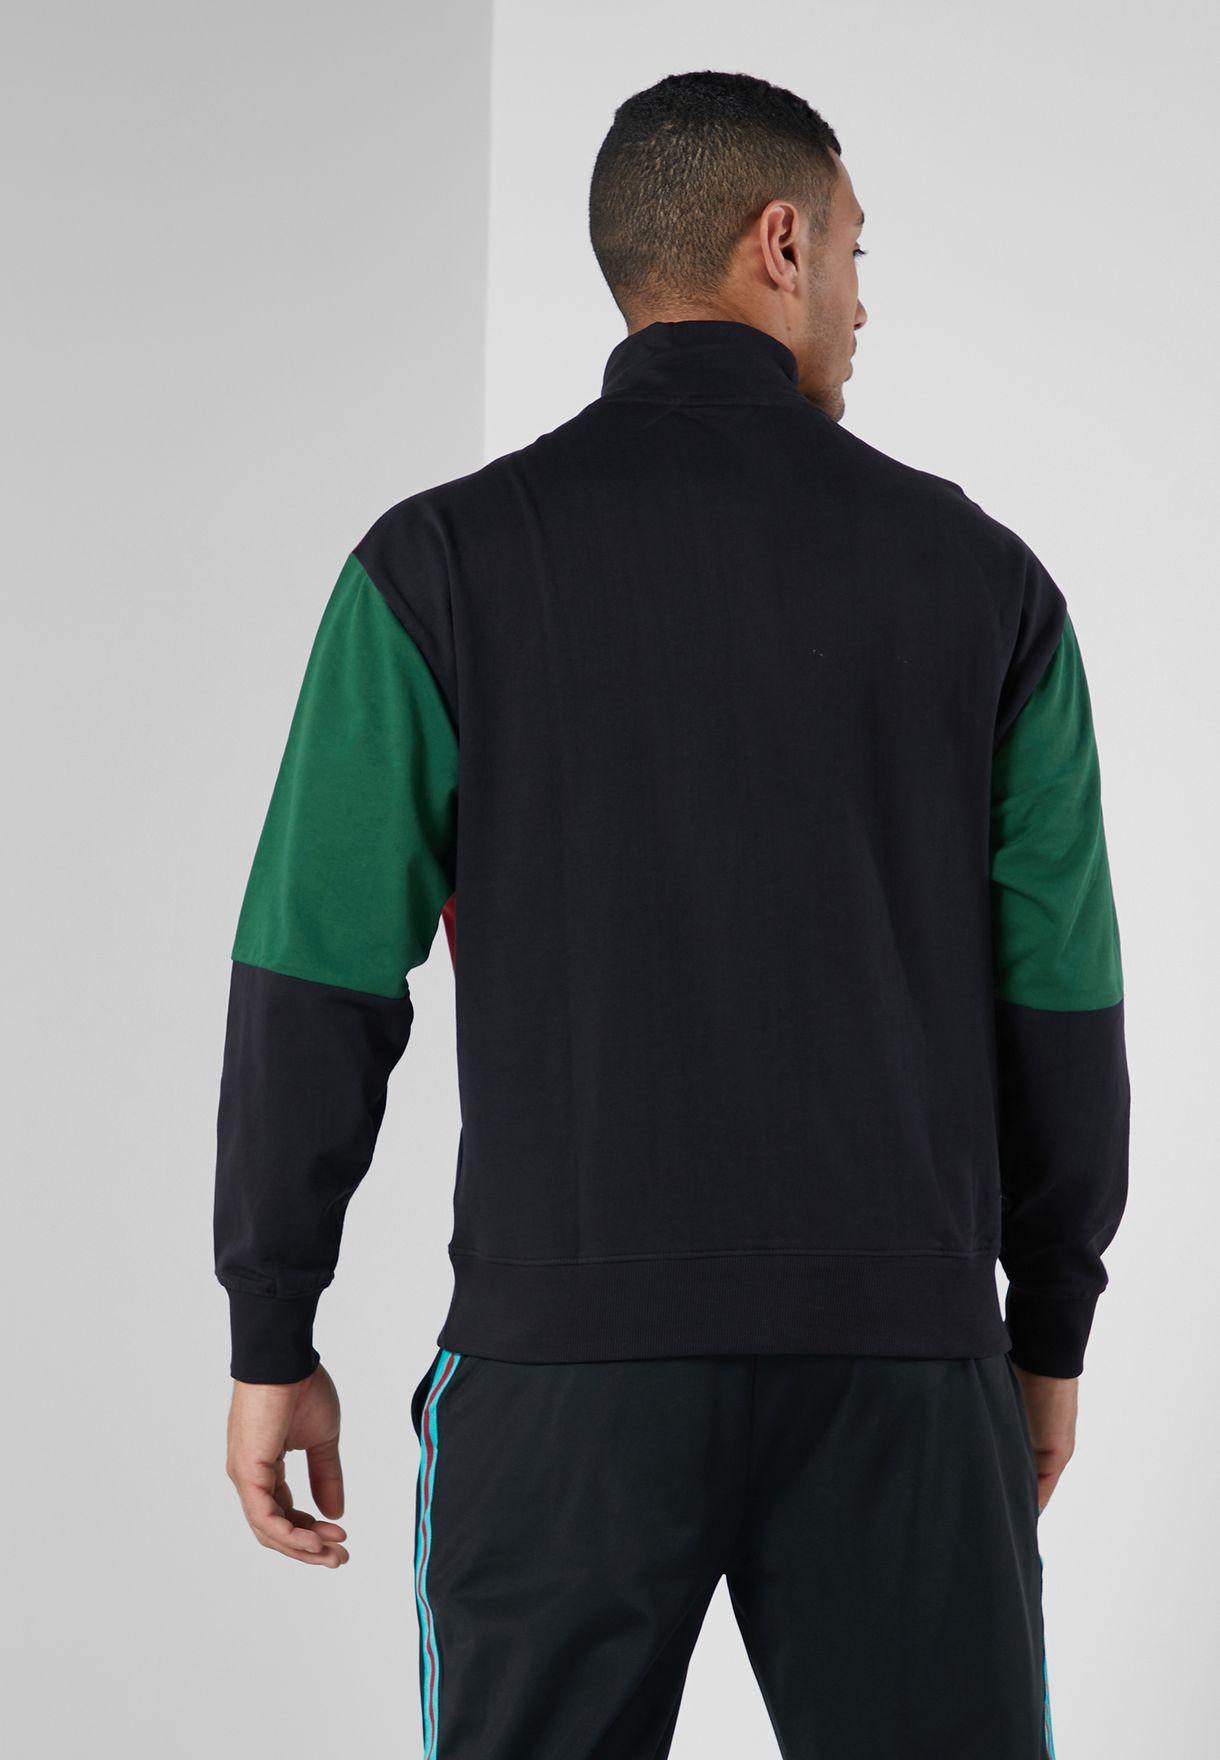 Malone Track Jacket